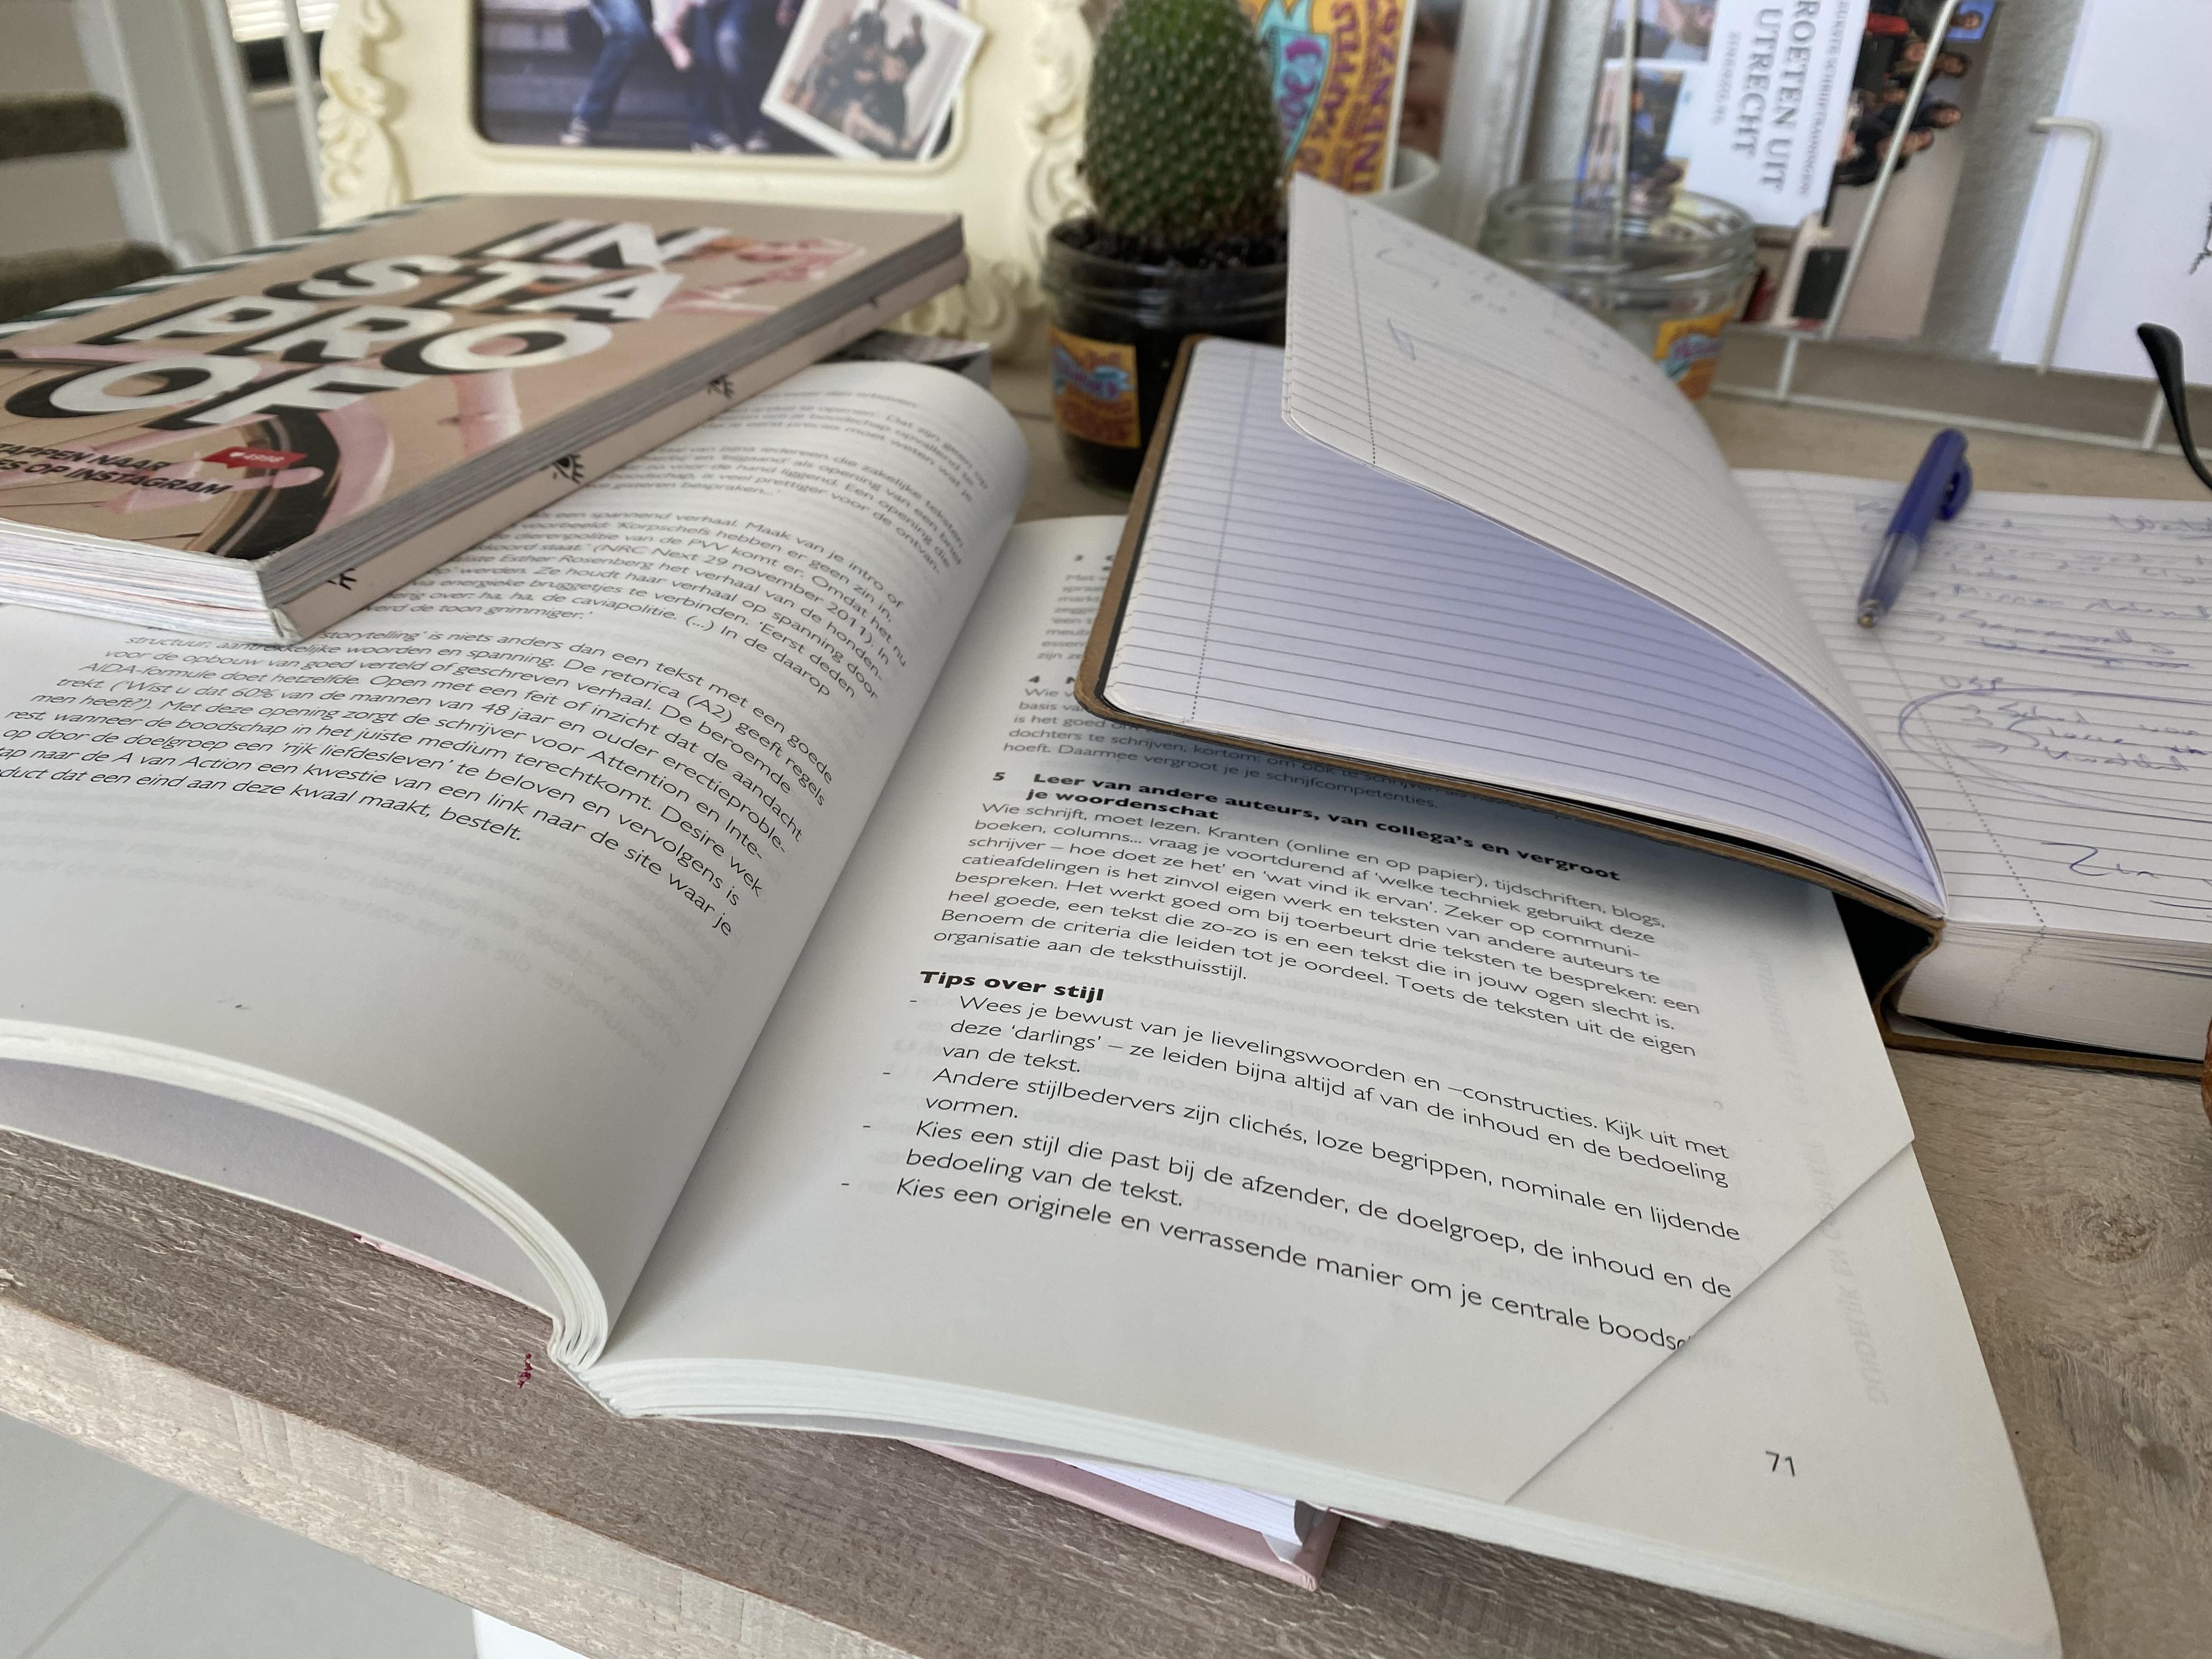 Klein inkijkje in het boek dat ik schrijf: 'Een kind kan deze schrijfmethode begrijpen'